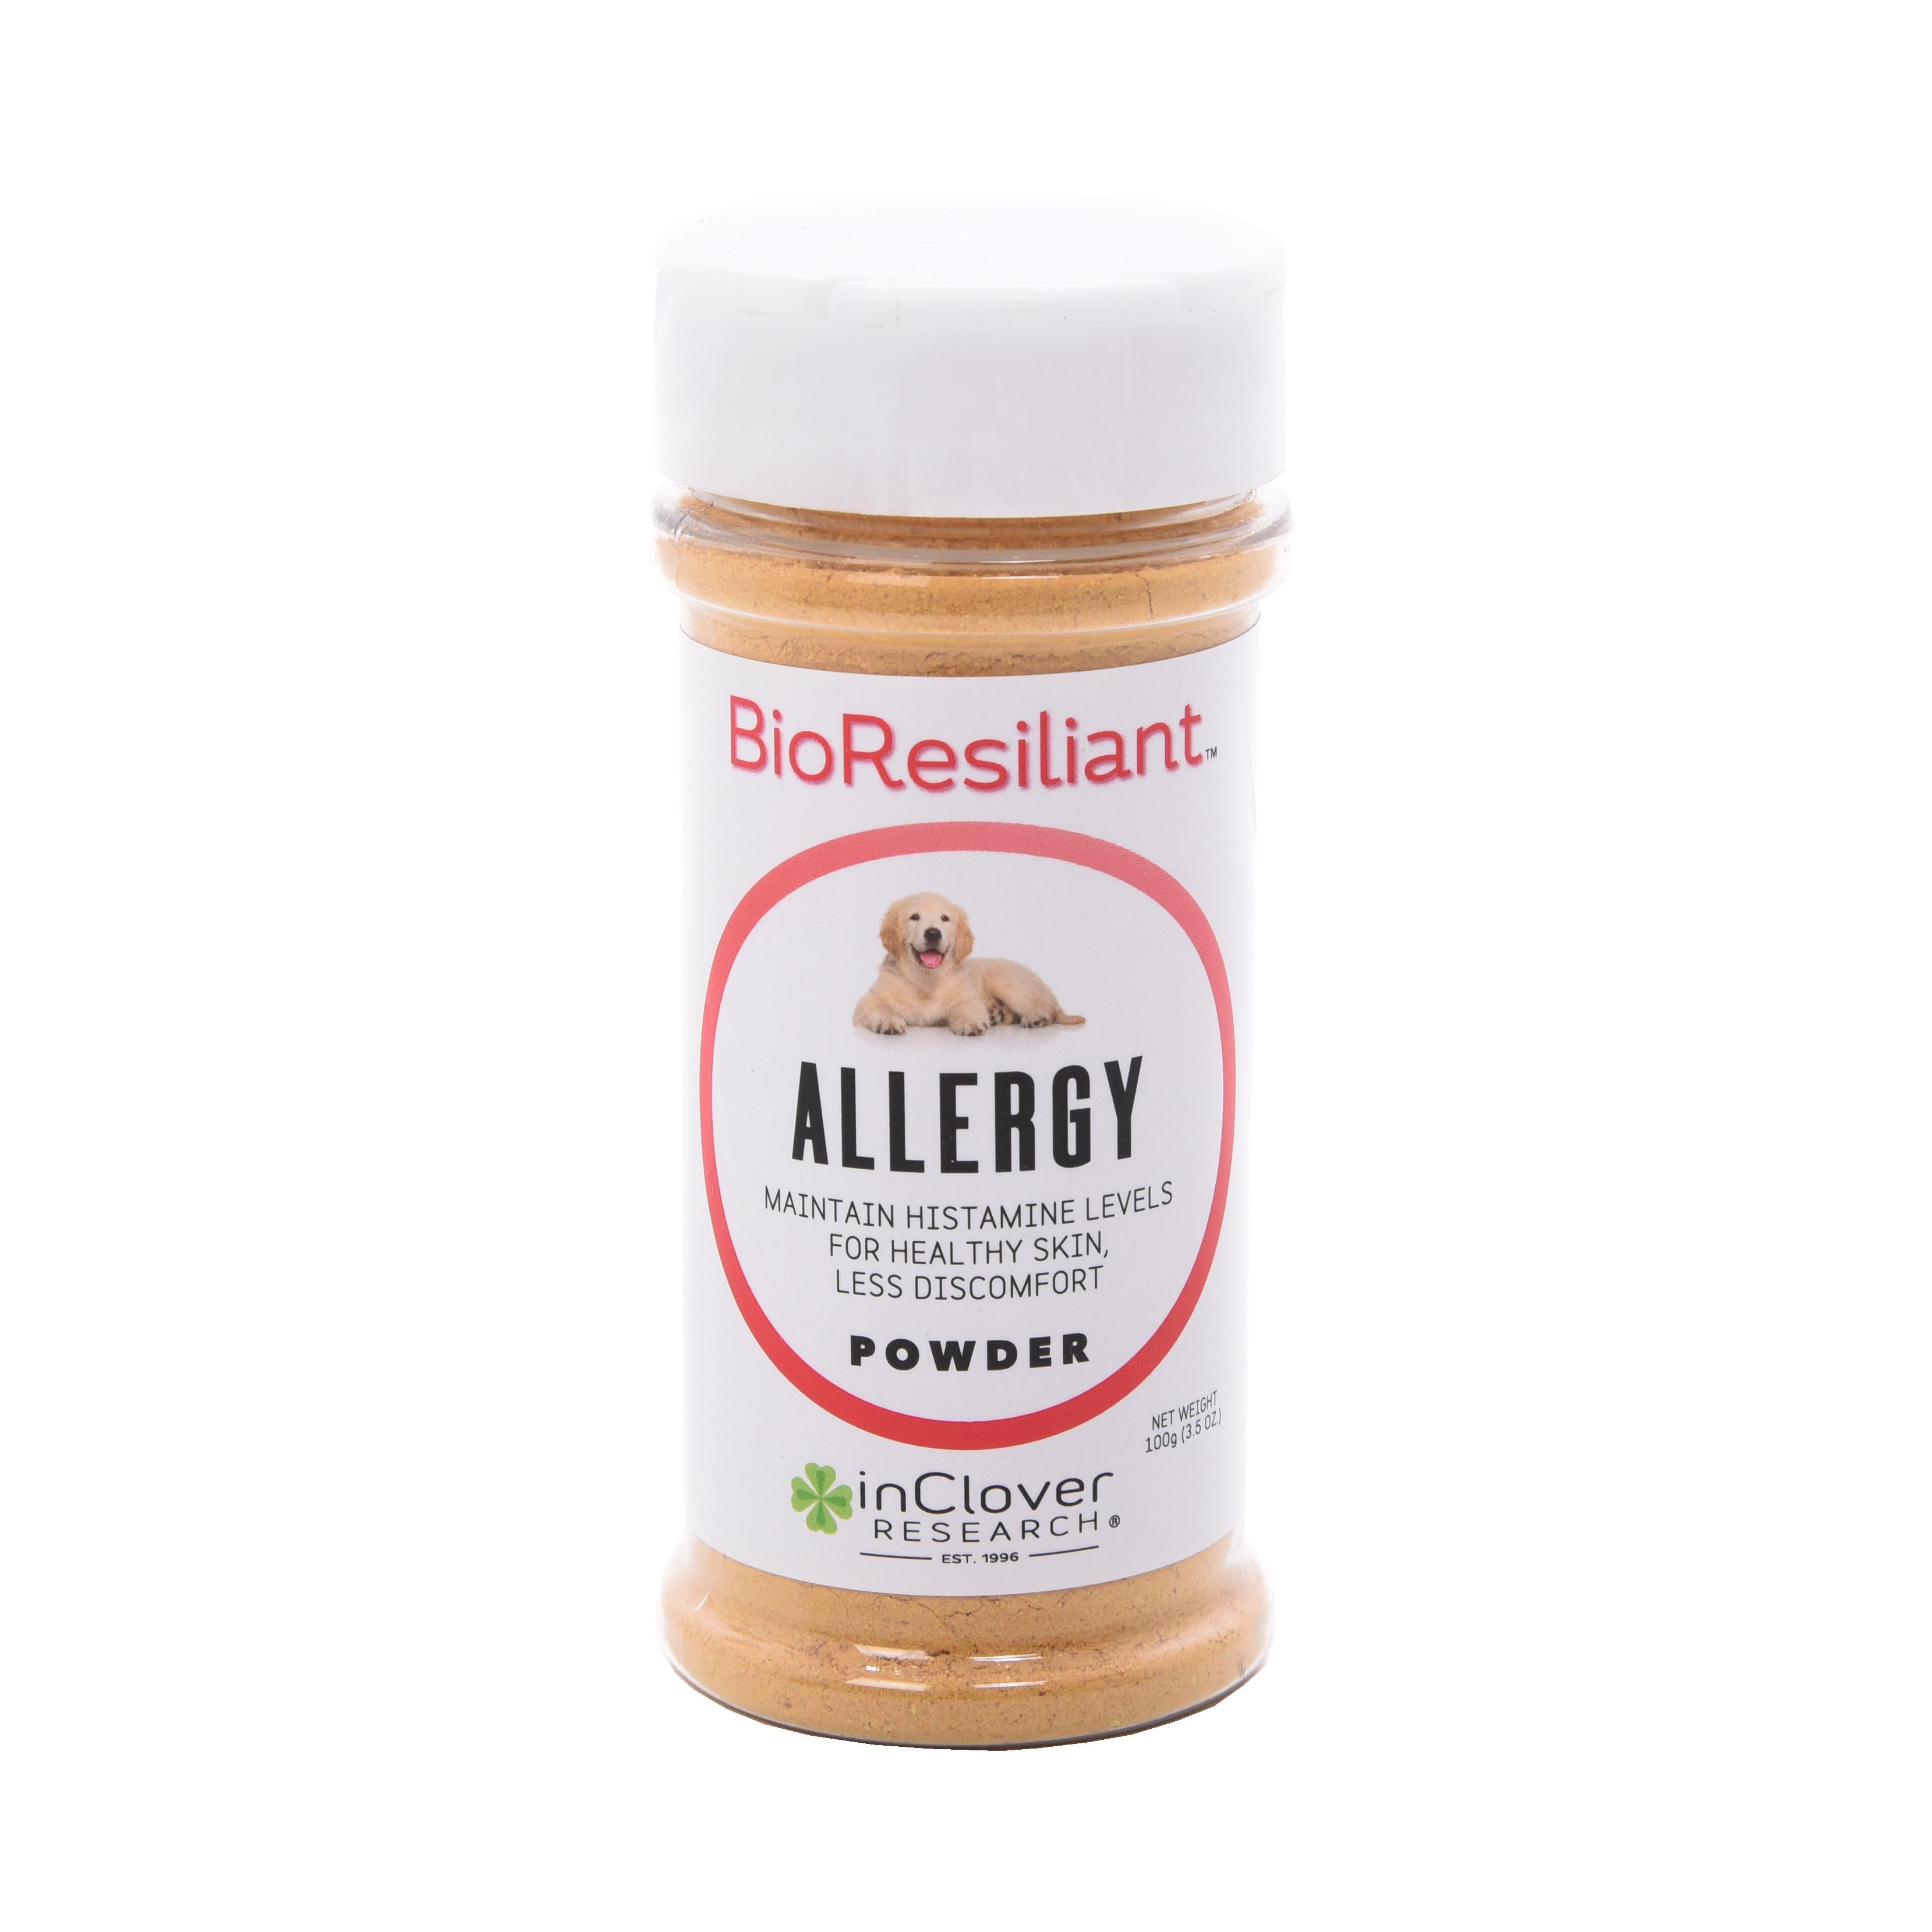 inClover BioResiliant Allergy Powder Dog Supplement, 3.5-oz